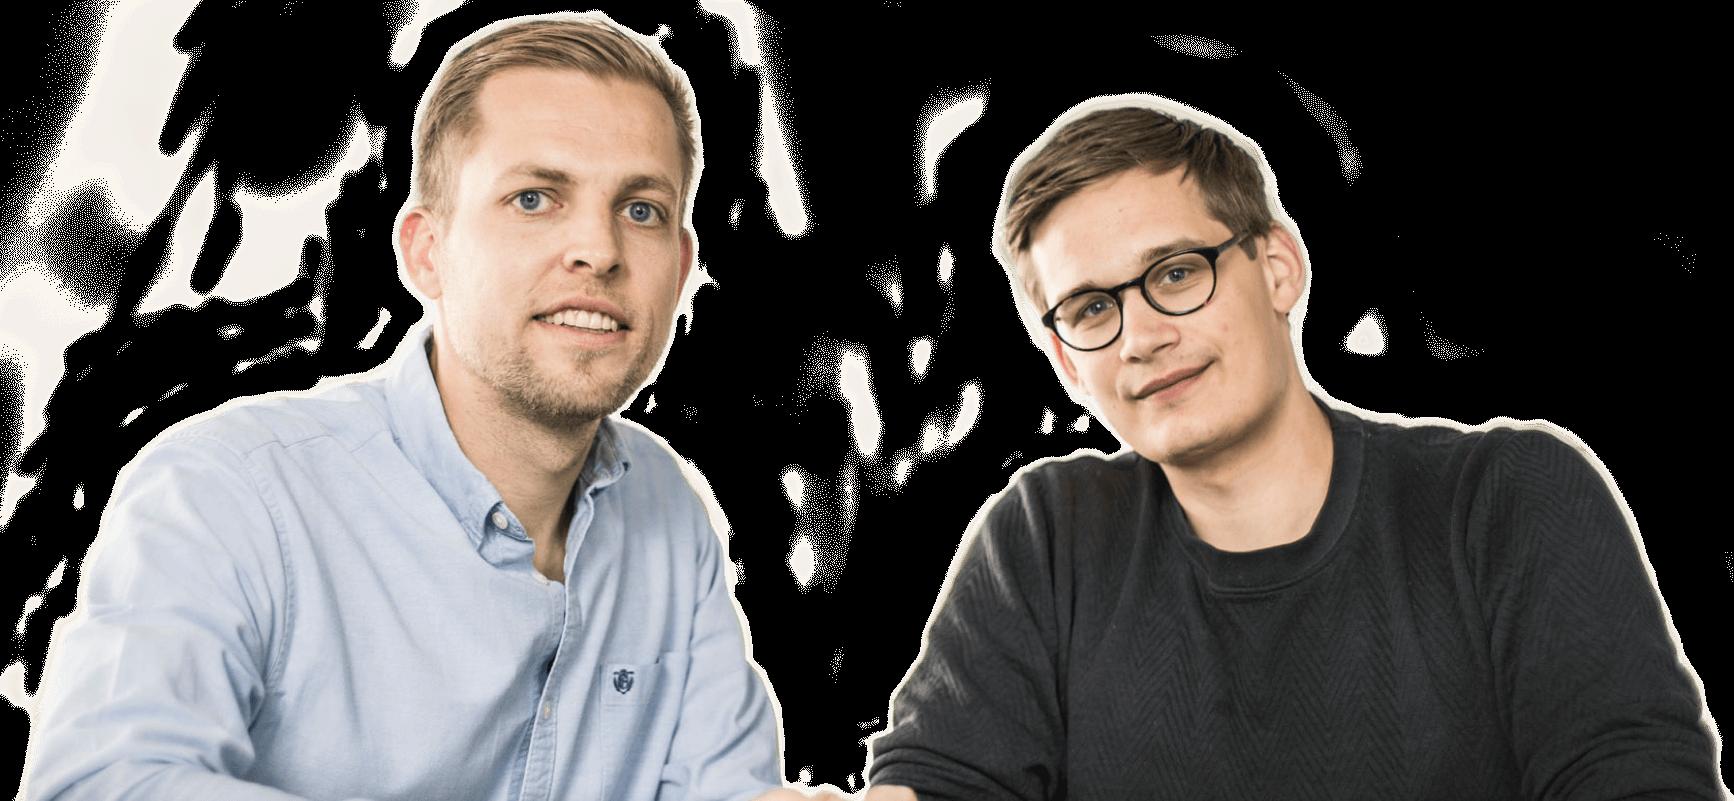 Bo Møller og Emil Højbjerg ejere og stiftere af Terapeut Booking